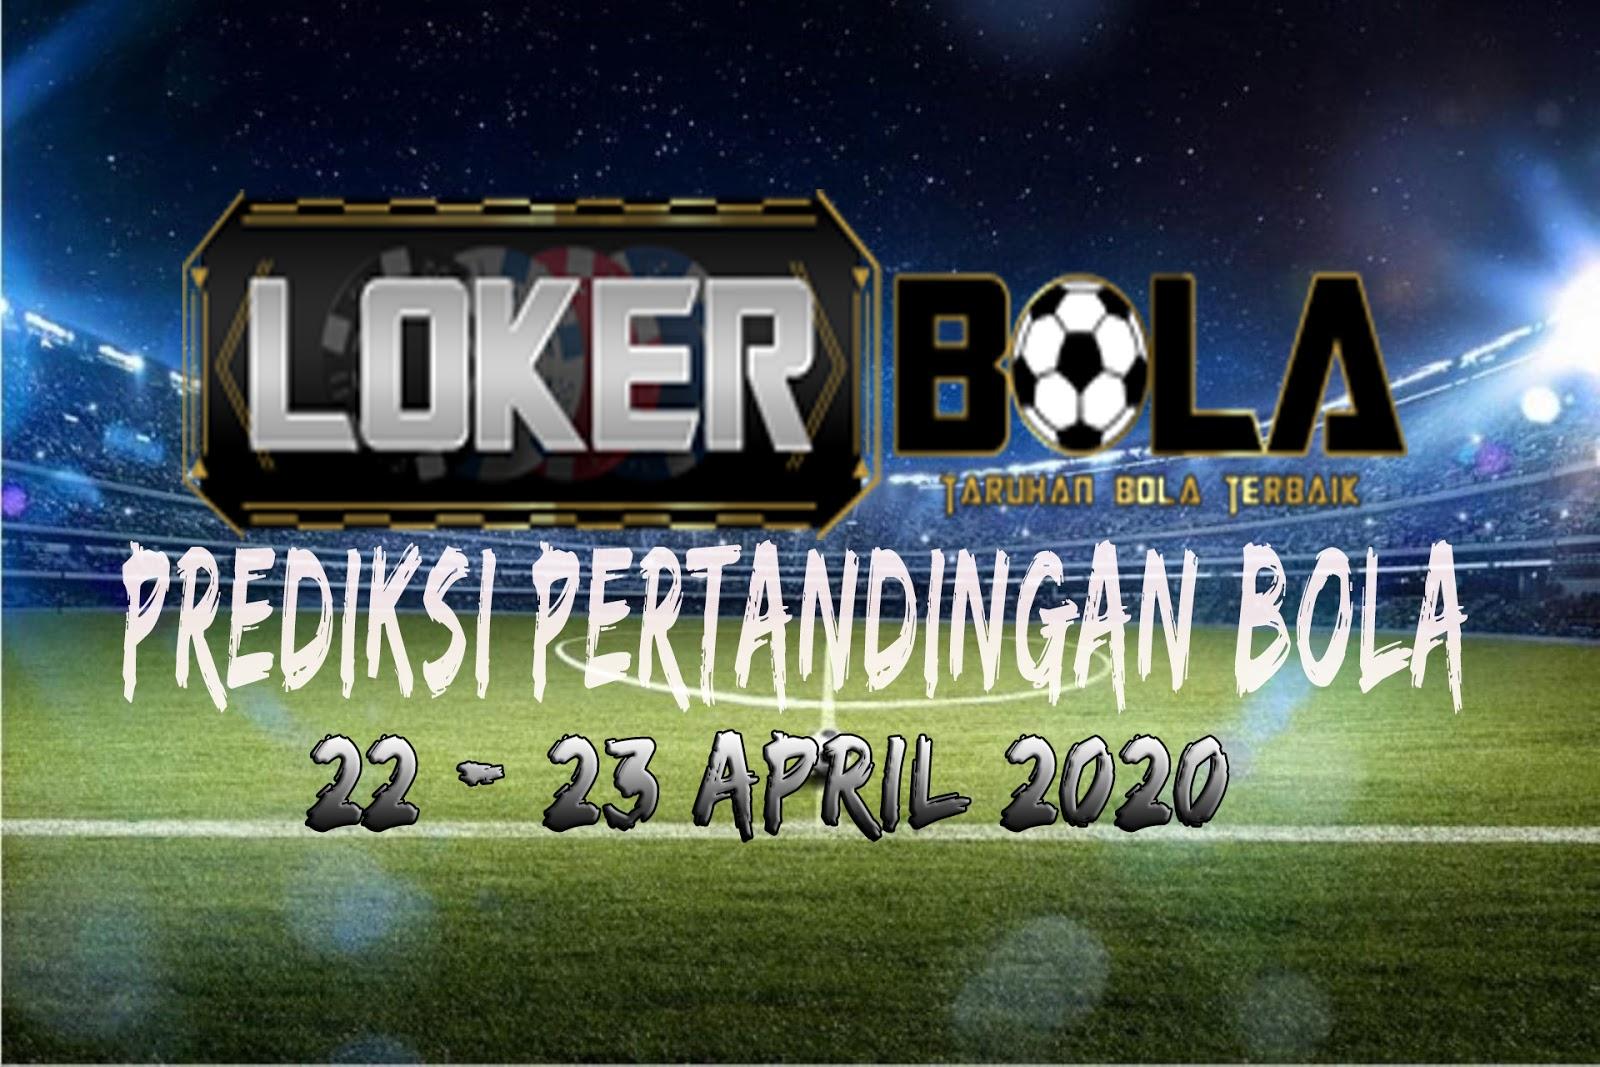 PREDIKSI PERTANDINGAN BOLA 22 – 23 APRIL 2020